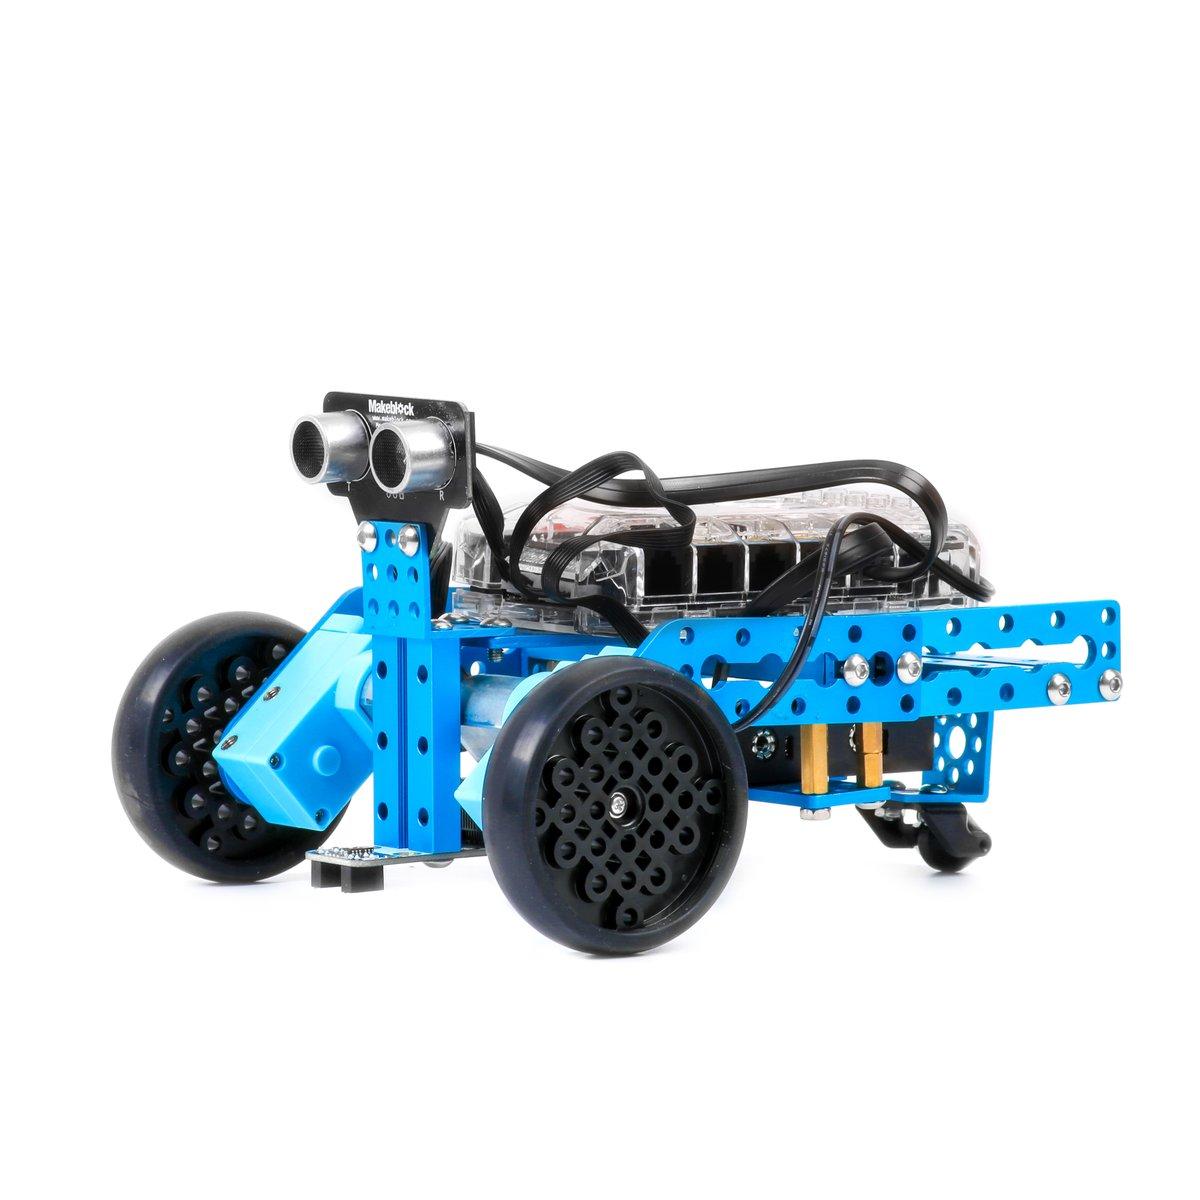 Zoek je nog #robots voor in de klas? De keuze is reuze, maar onze robotica-experts denken graag met je mee. Neem gerust vrijblijvend contact op via innovatiefonderwijs@wismon.nl of 030-7370348.  #robotica #programmeren #robot #Makeblock #mTiny #CodeyRocky #mBot  2/2 https://t.co/JDlziiOlco